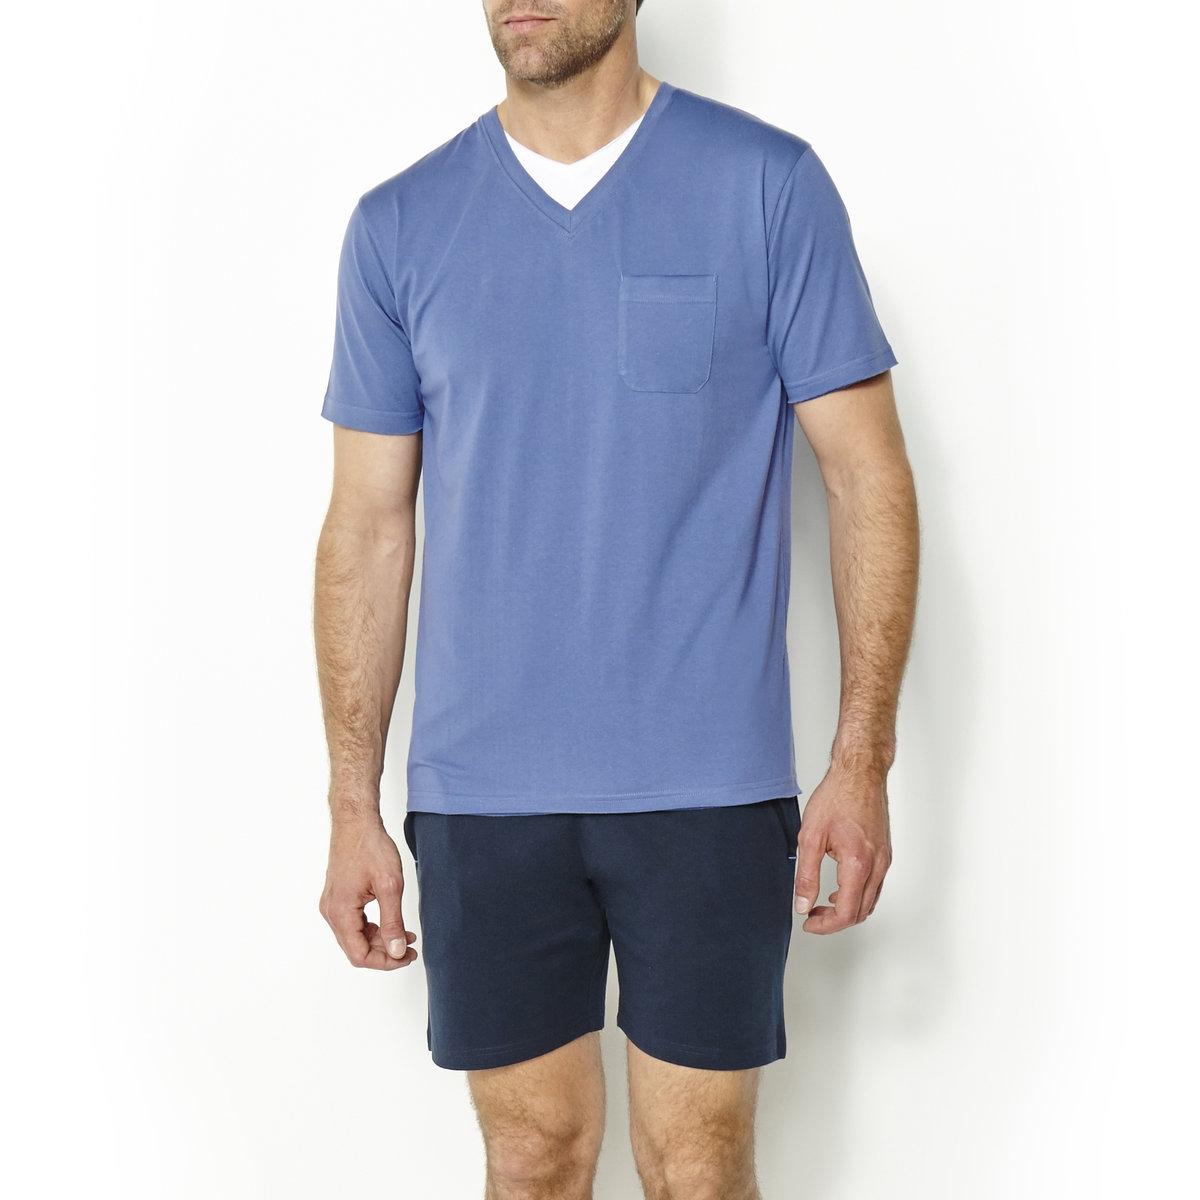 Пижама из джерси*Международный знак Oeko-Tex гарантирует отсутствие вредных или раздражающих кожу веществ<br><br>Цвет: синий/темно-синий<br>Размер: 66/68